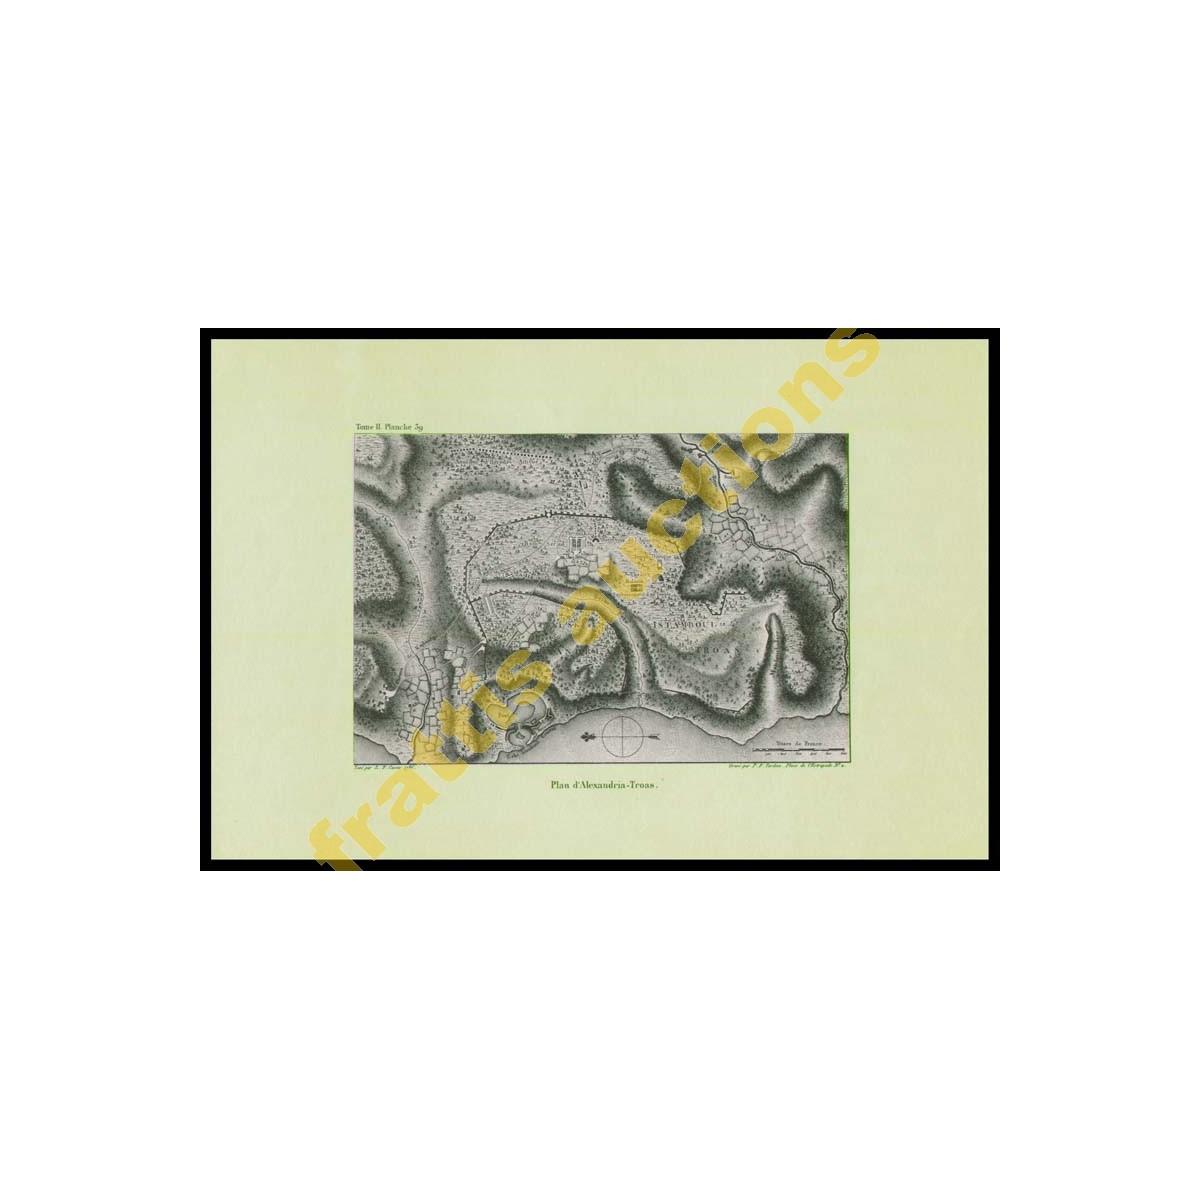 Πλάνο Αλεξάνδρειας-Τροίας (Τροία) , εκτύπωσις χαρακτικού.